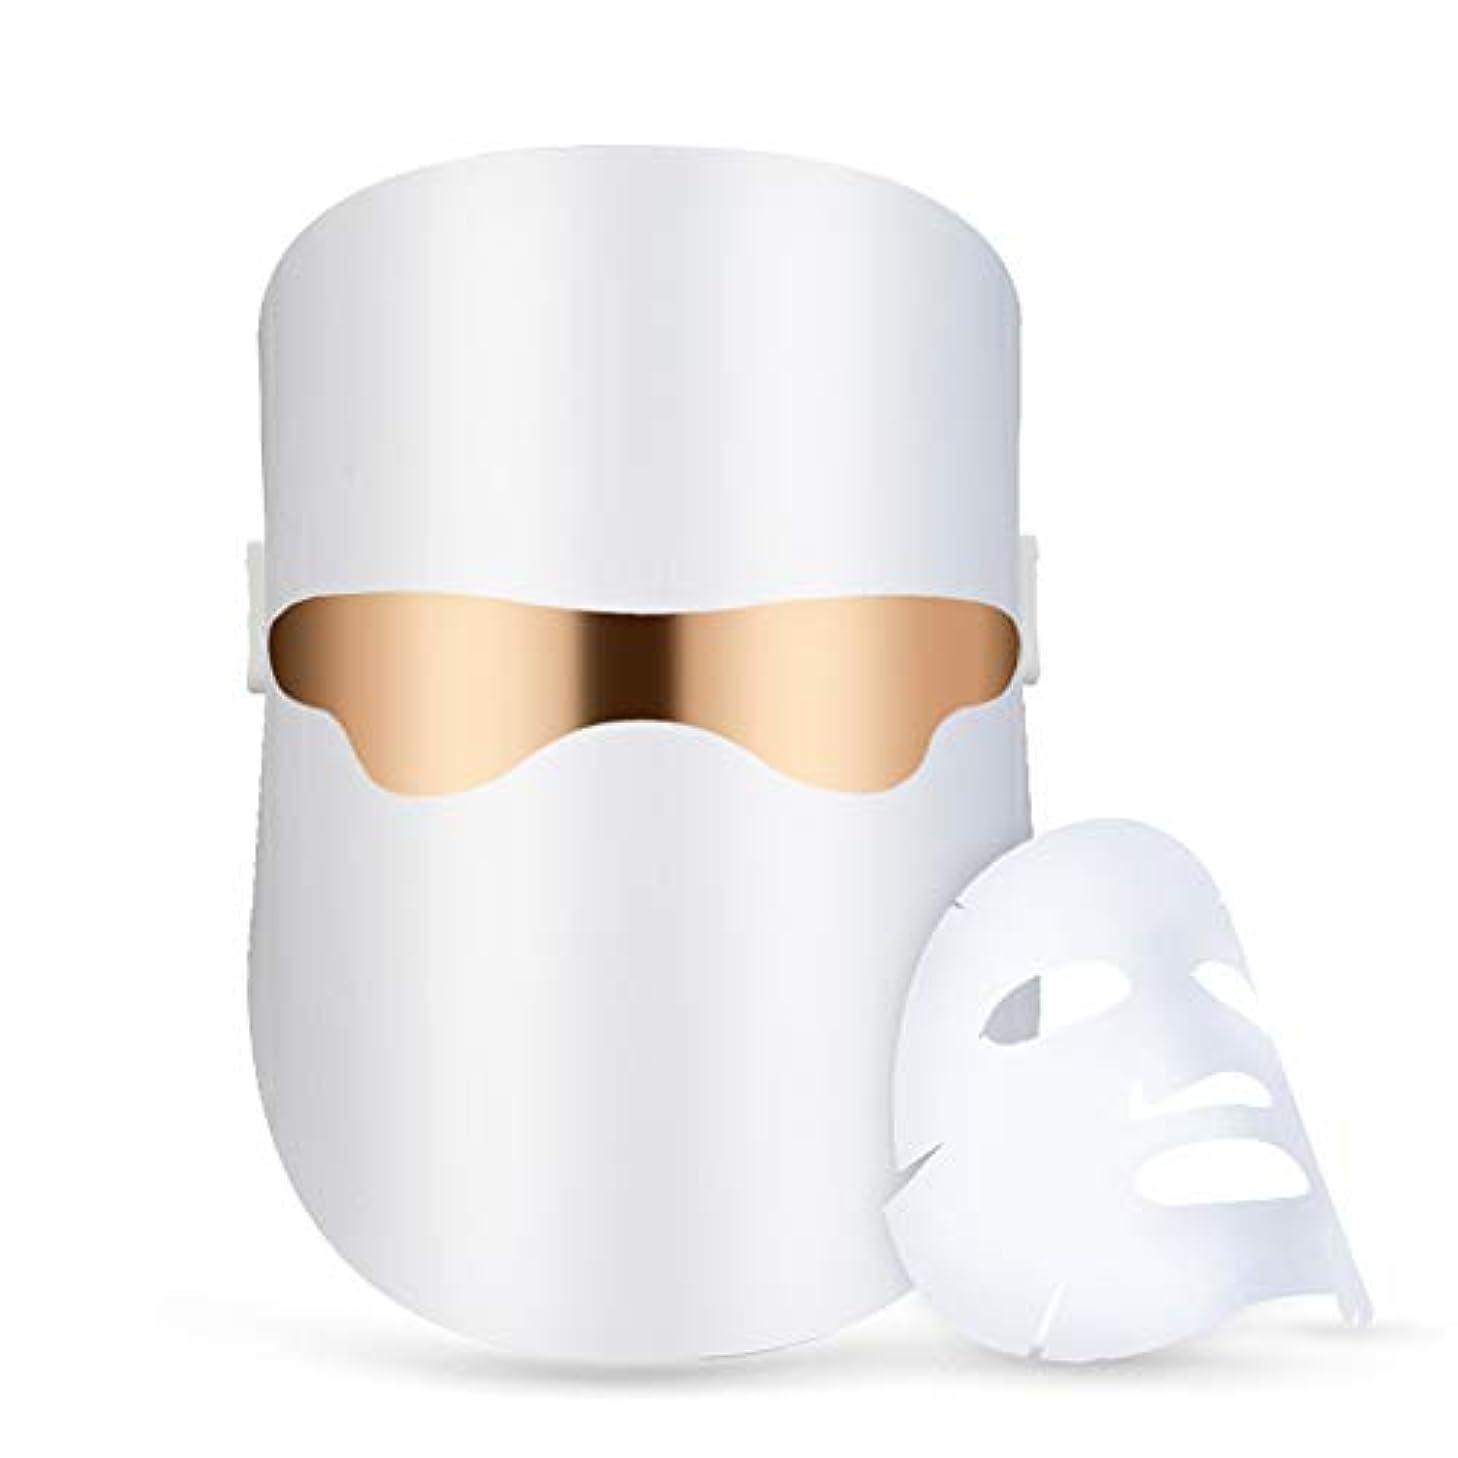 推定専門やむを得ないライトセラピーにきび治療LEDは、にきび顔の皮膚の治療のためのフェイシャル?セラピー無制限のセッションをマスク - レッド/ブルー/オレンジの個別ライト